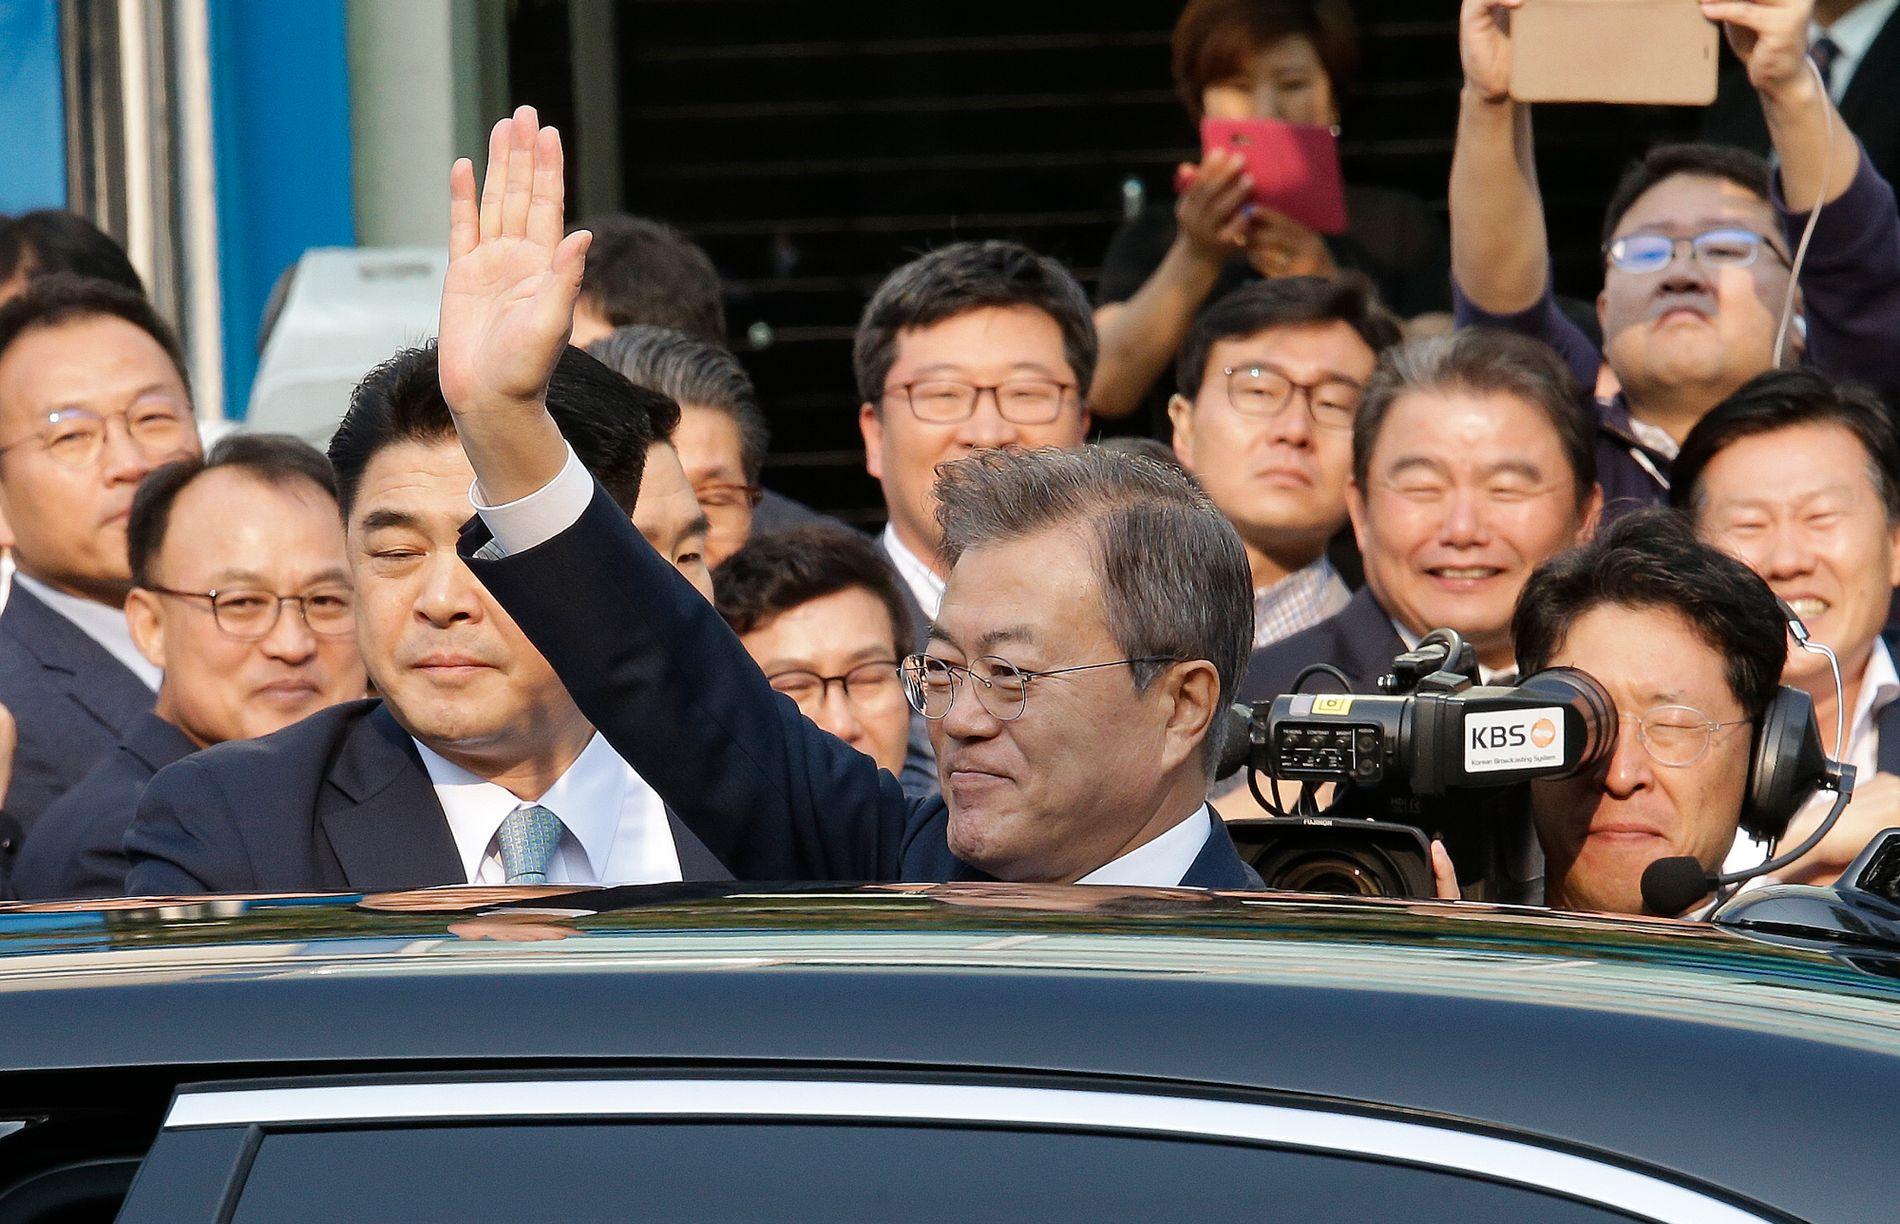 Sør-Koreas leder Moon Jae-in vinker til publikum før han reiser for å møte sin nmotpart fra Nord-Korea.